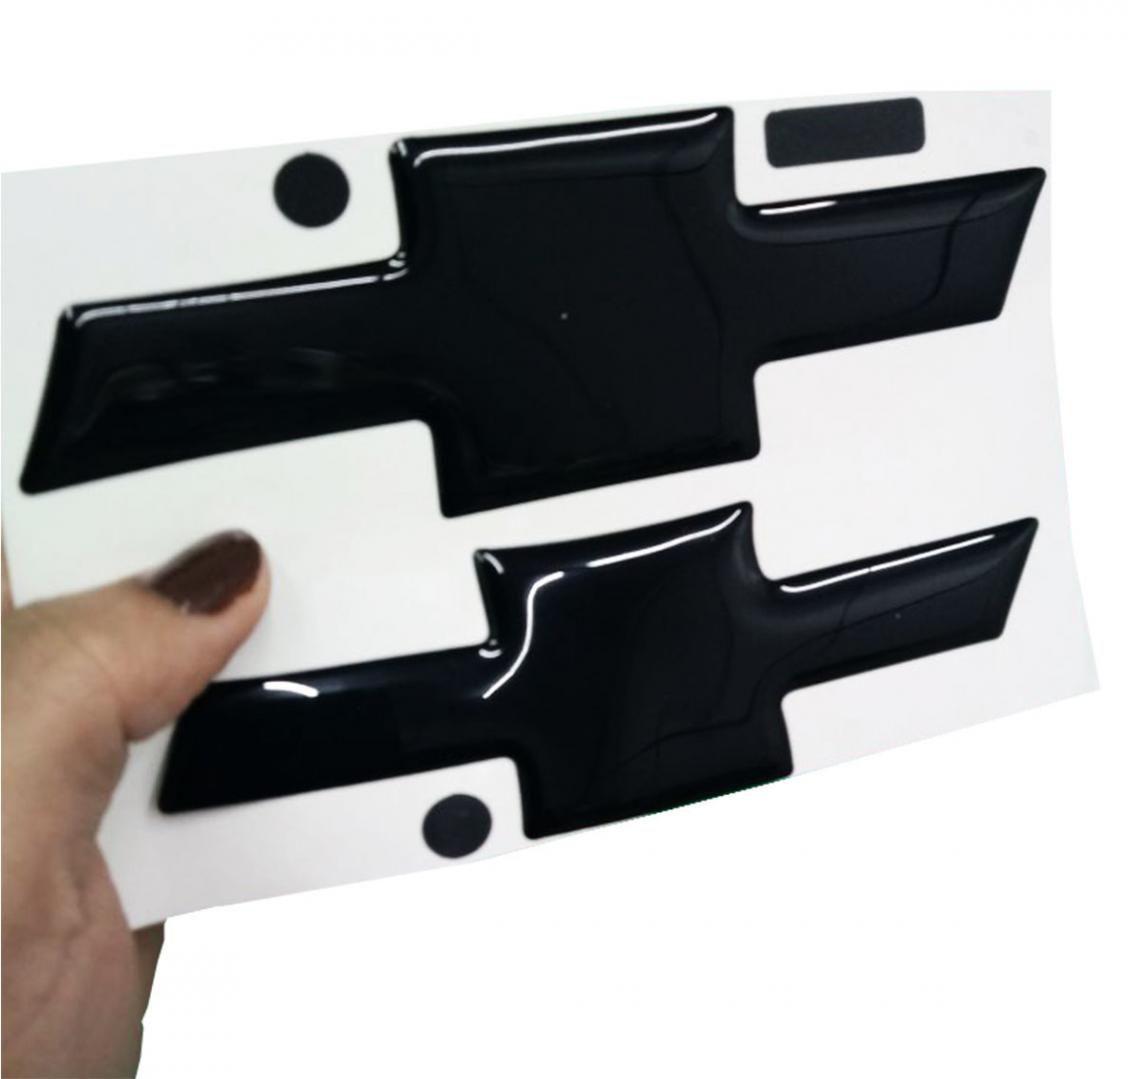 Gravata Adesiva Resinada Celta 2012 Em Diante Black Piano